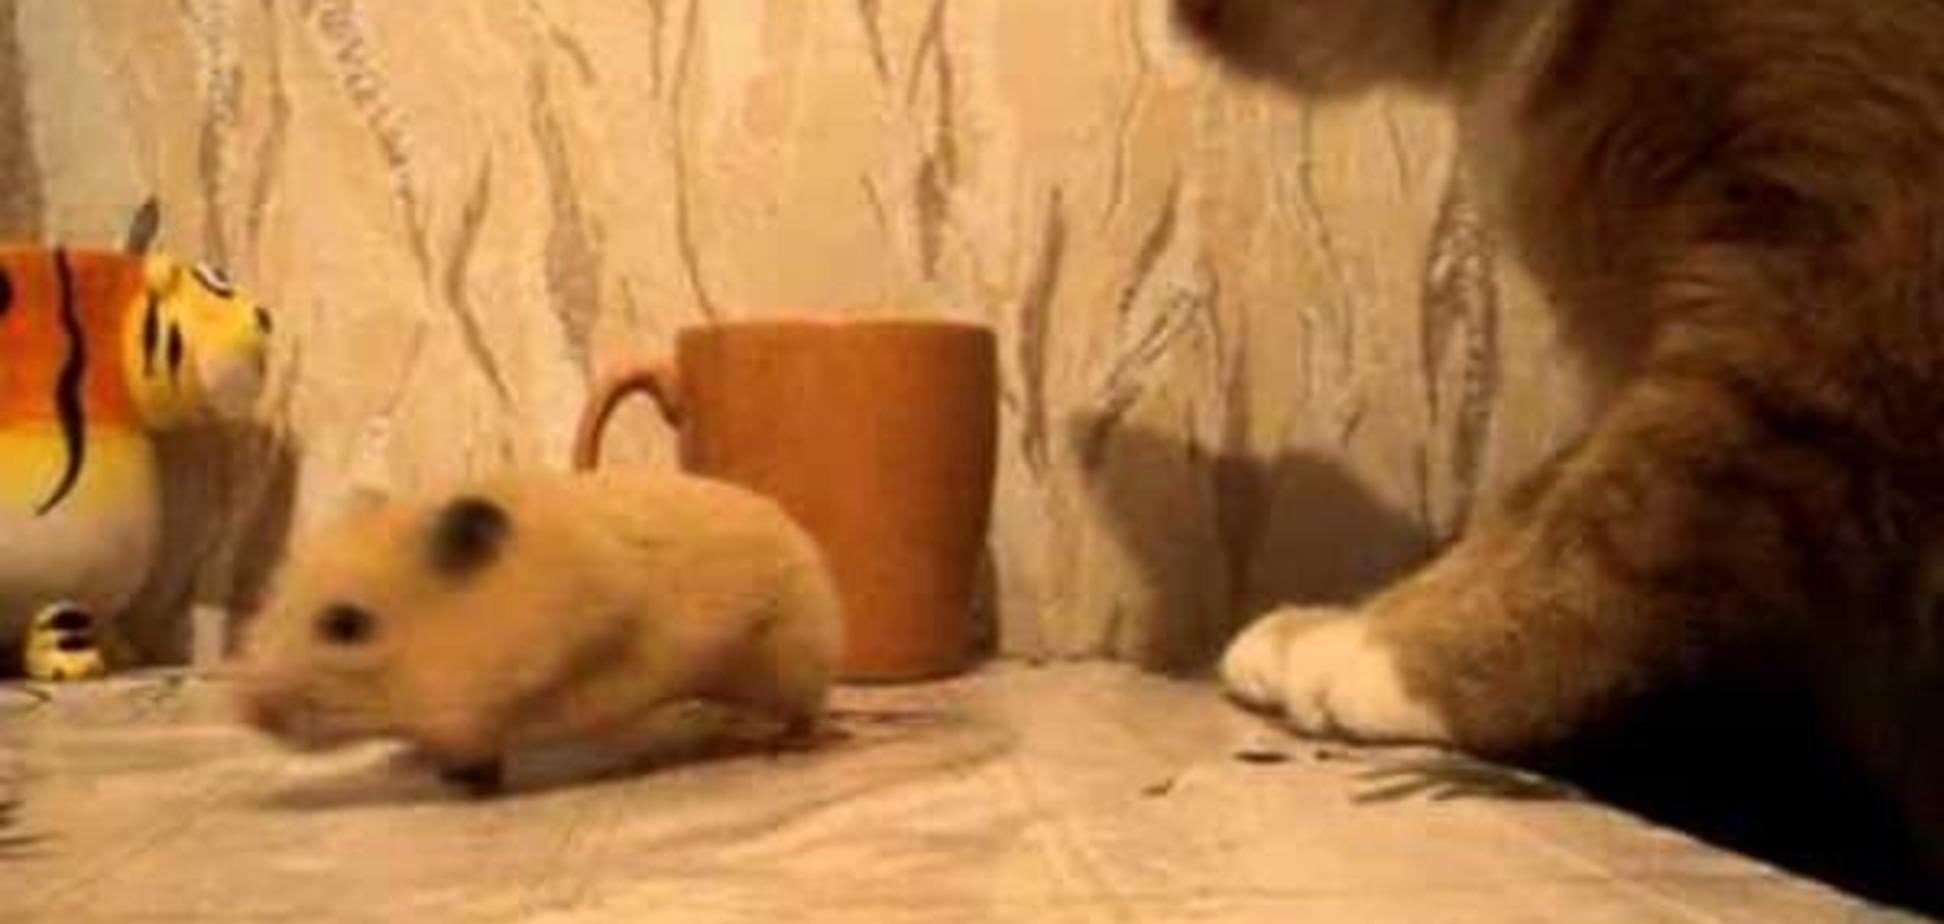 Жадный хомяк, спрятавший сало от кота, стал звездой сети